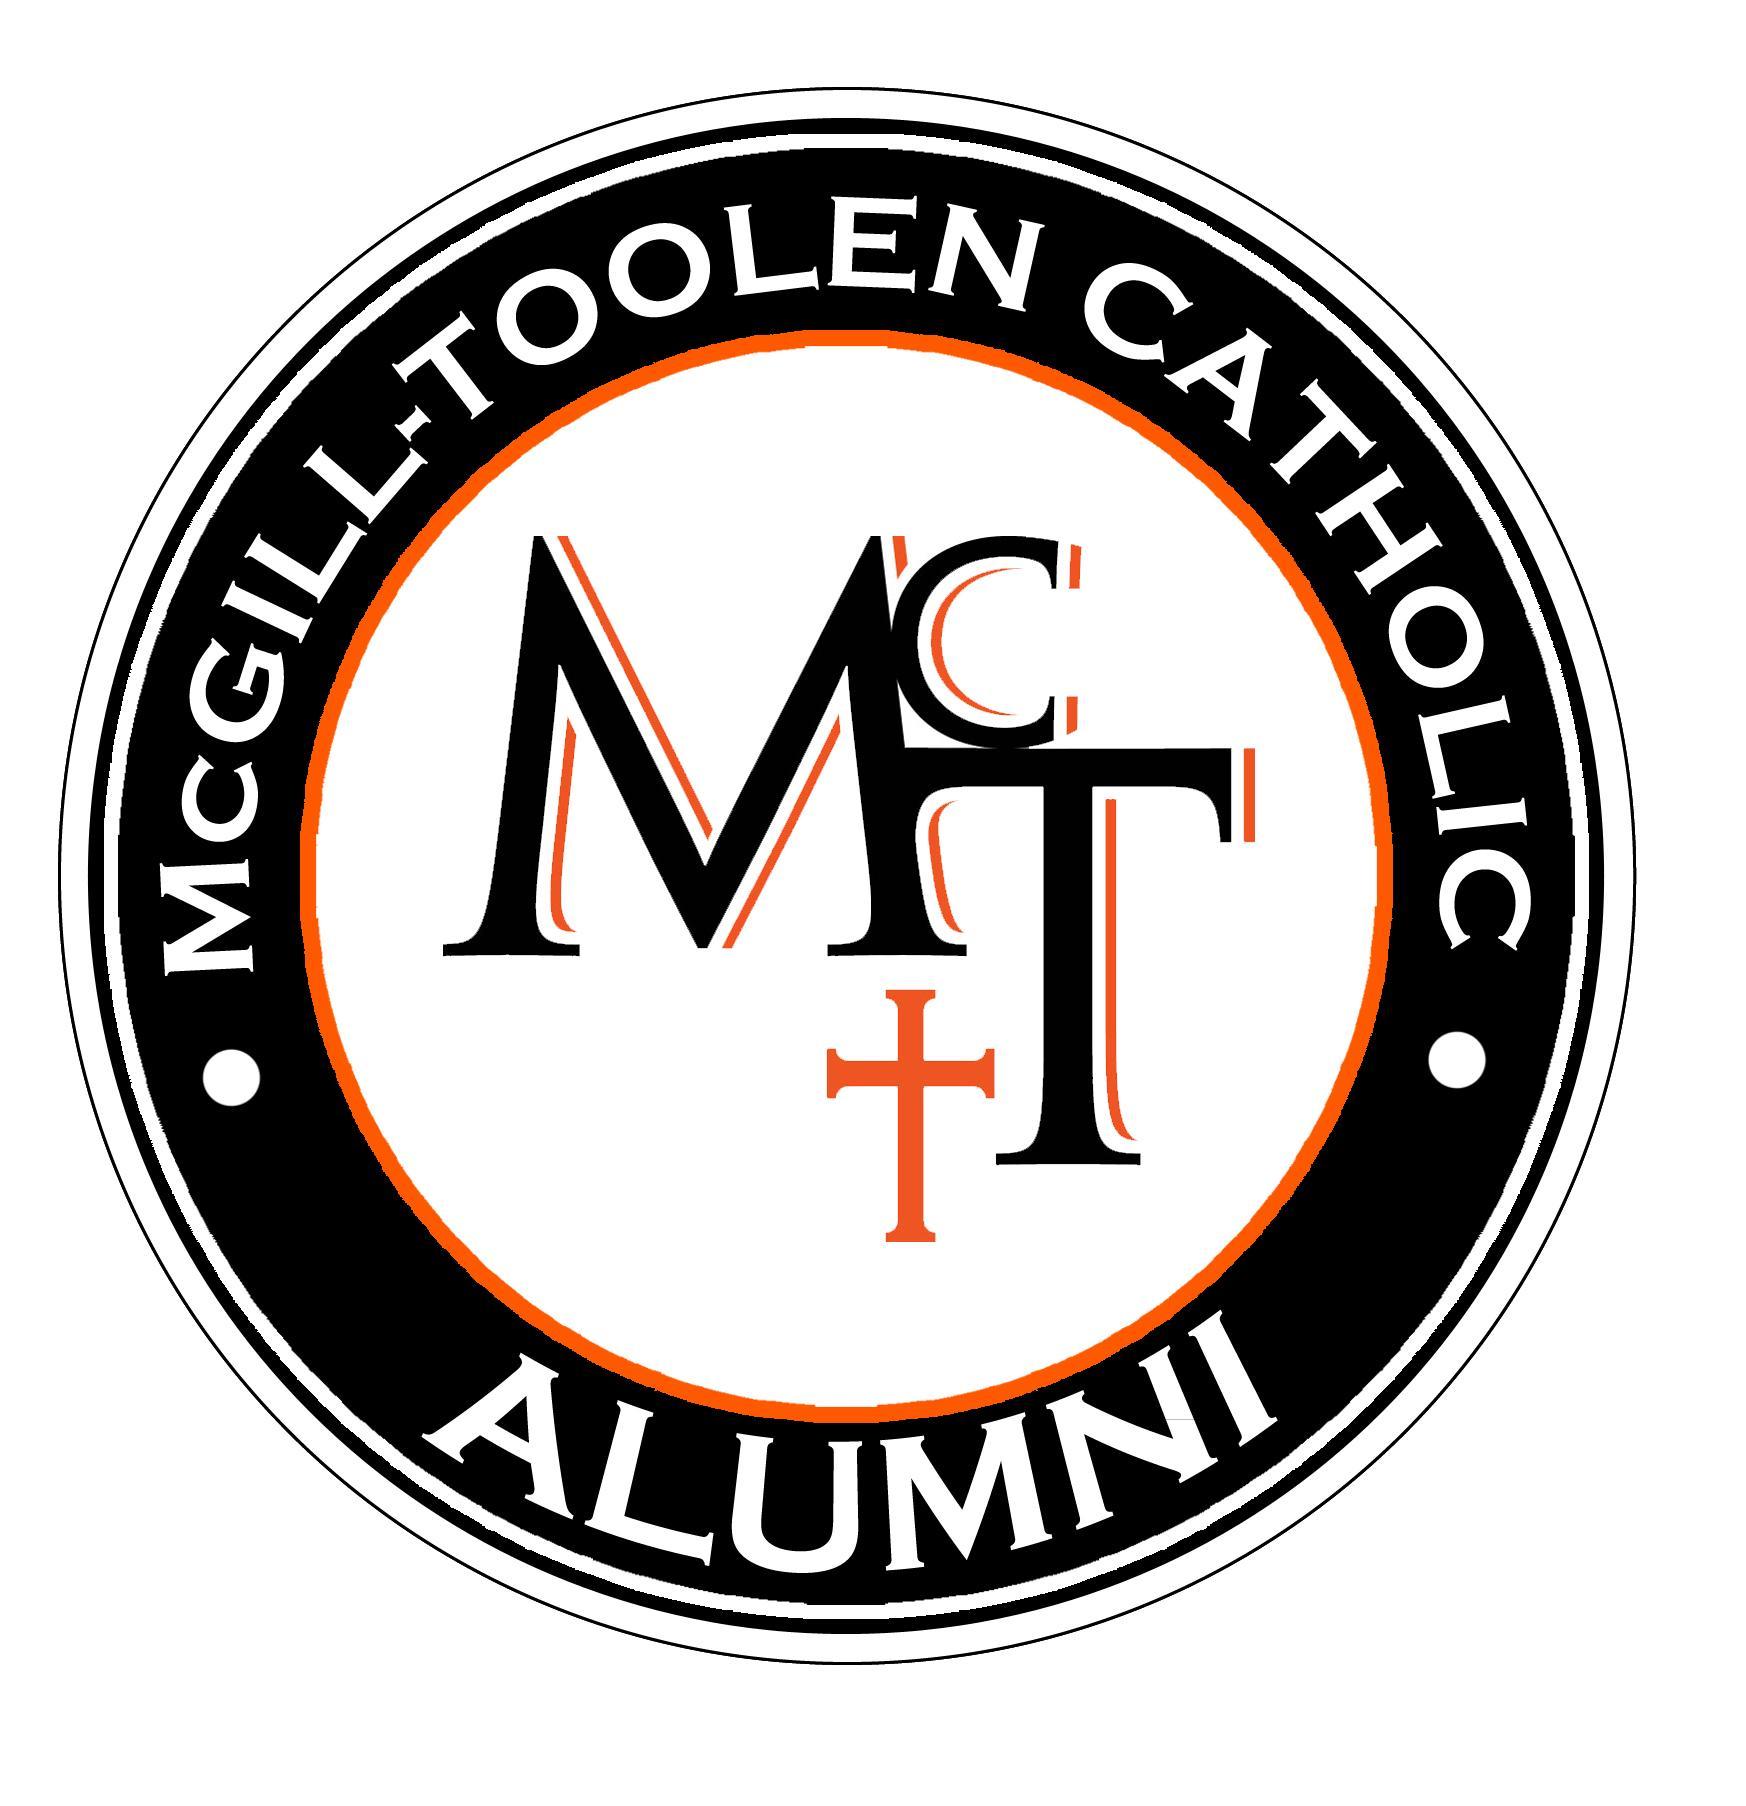 https://www.mcgill-toolen.org/apps/api/images/5f0df6203578a71400006b62/src